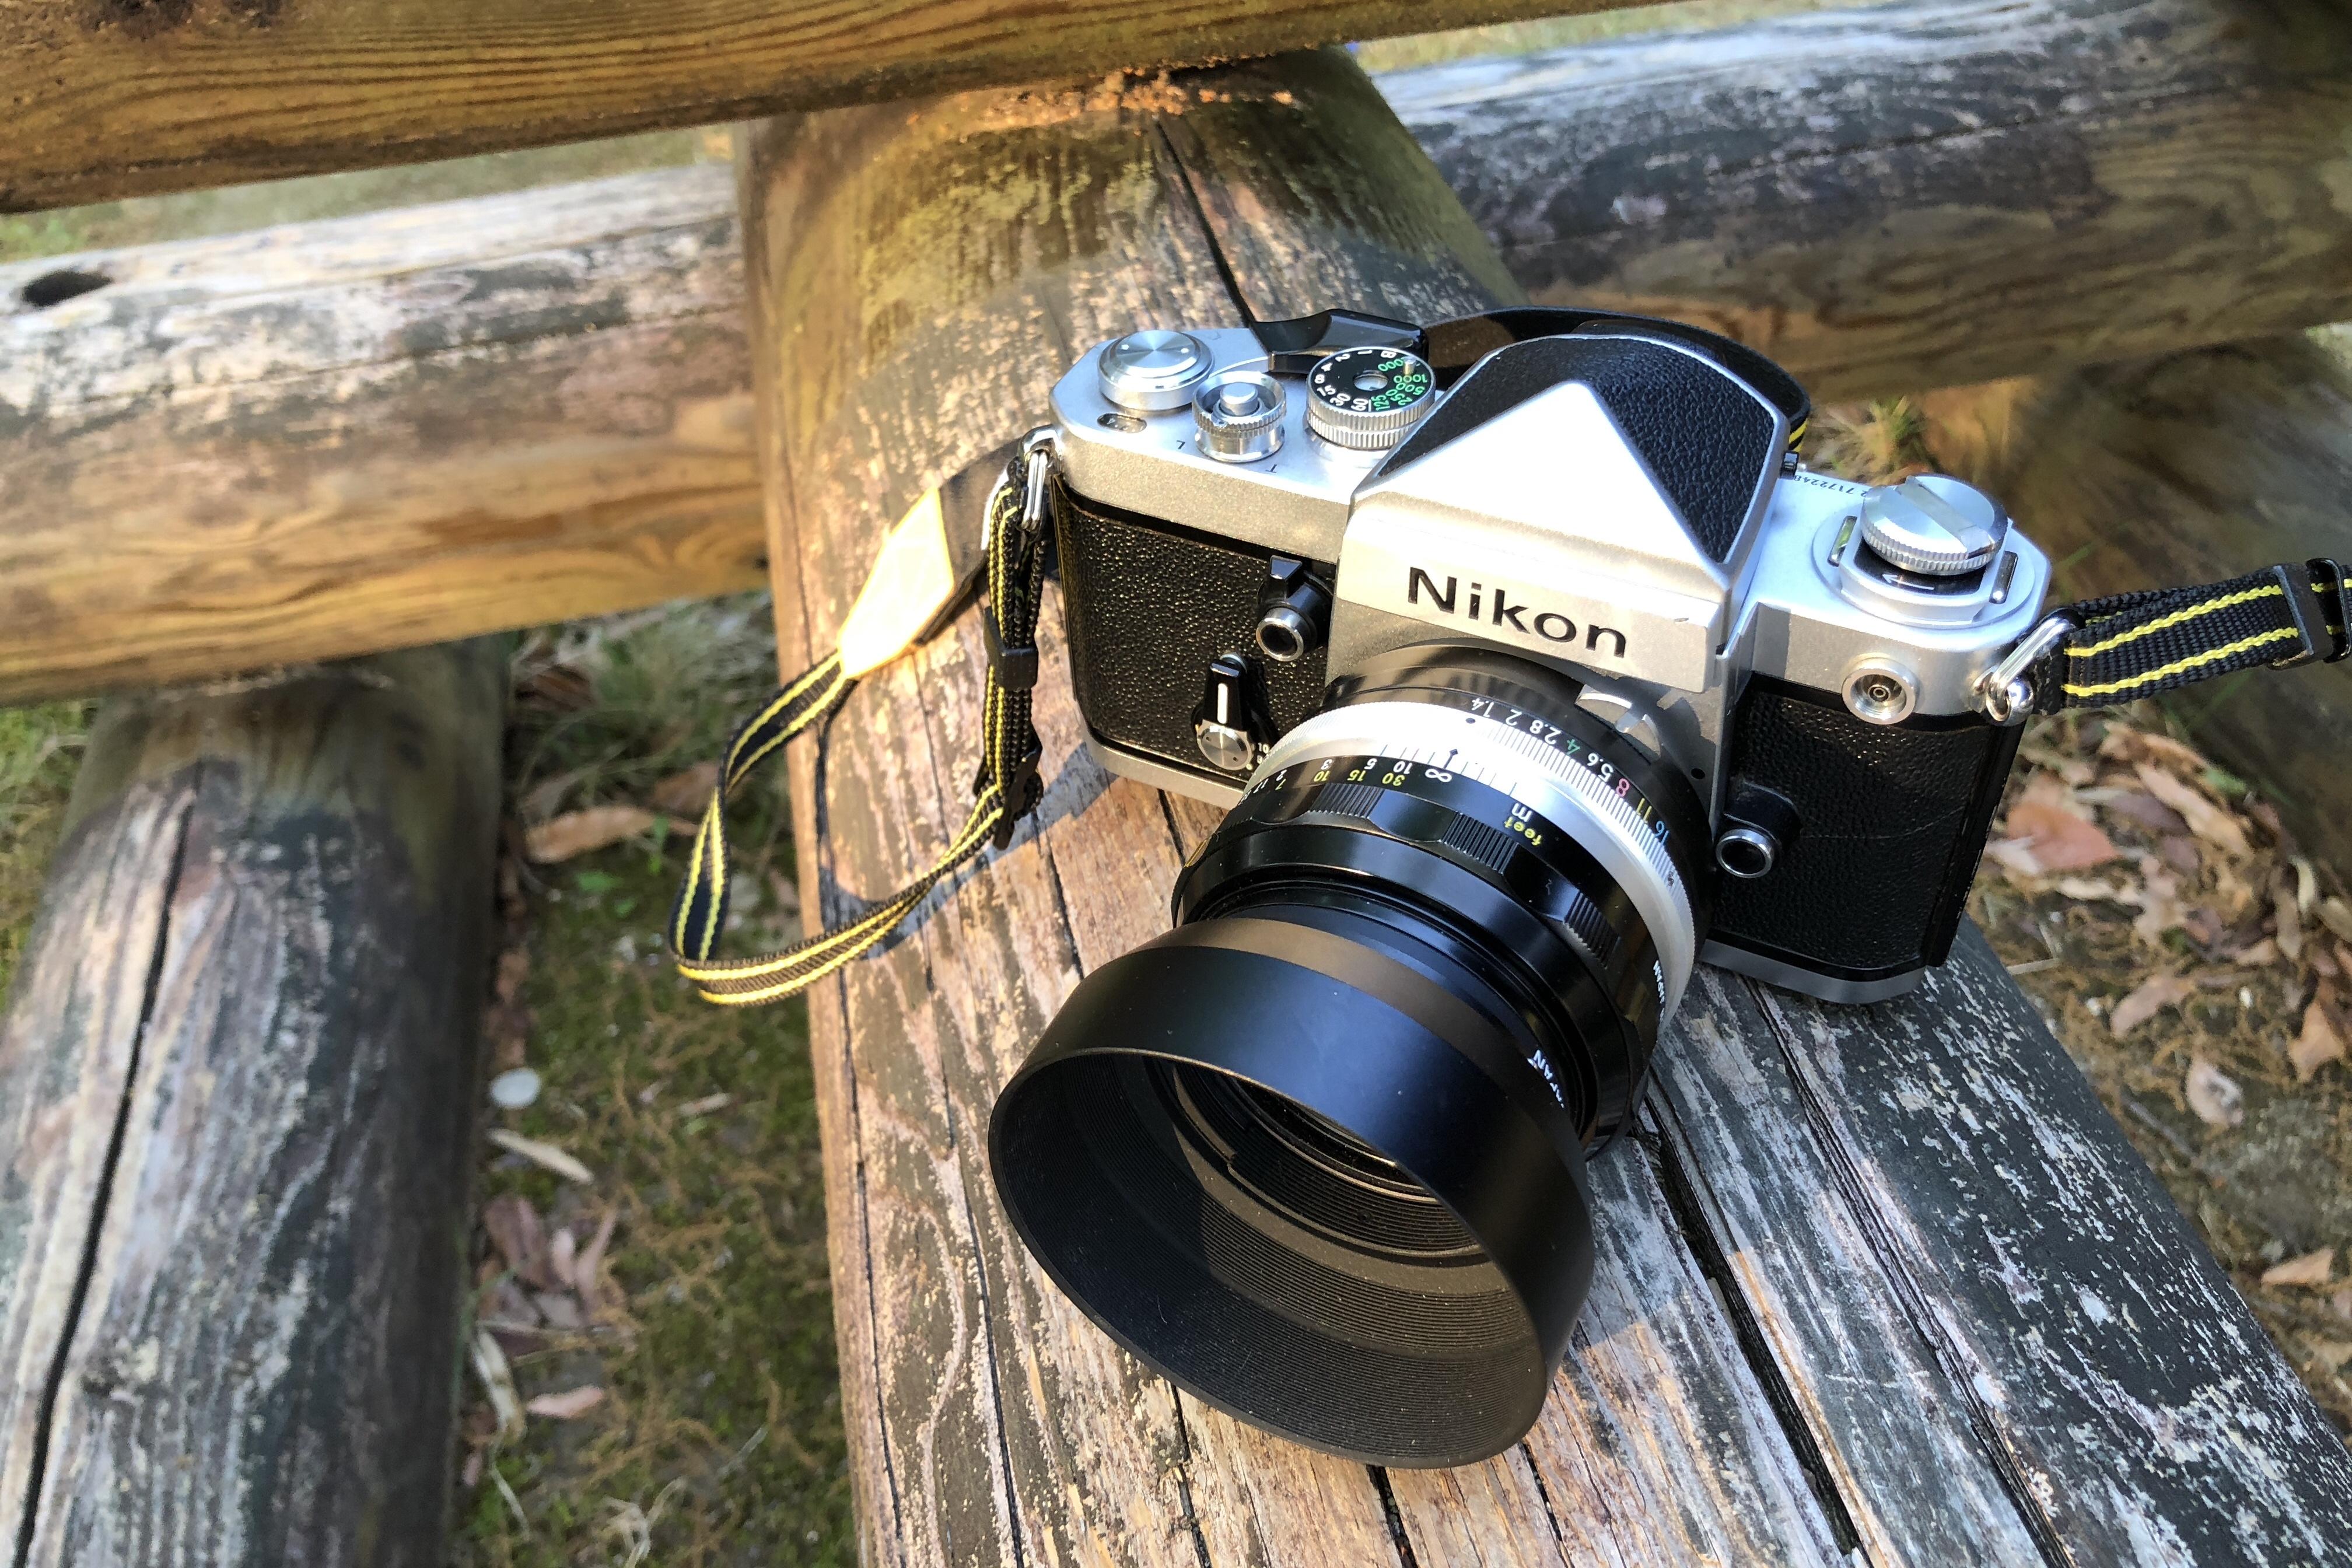 きょうは一日、三台のカメラと。さて、あしたは。